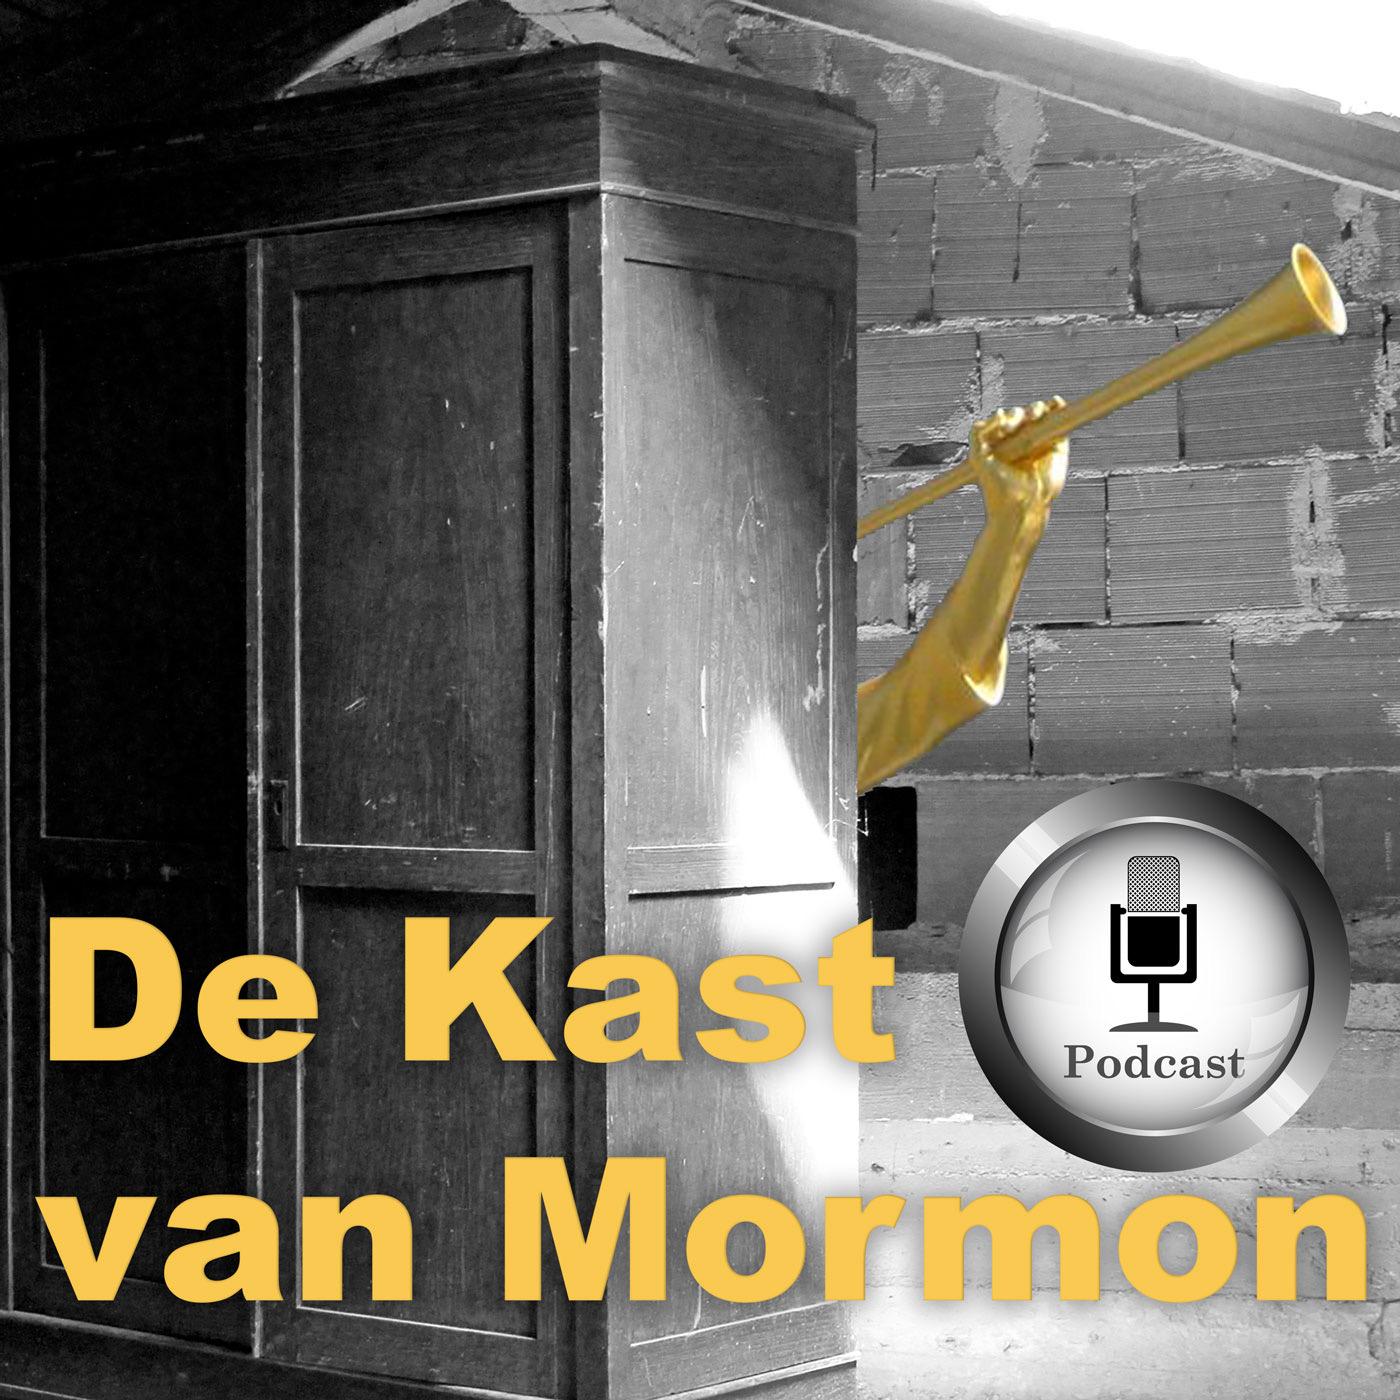 De_Kast_van_Mormon_afl0054_20201119